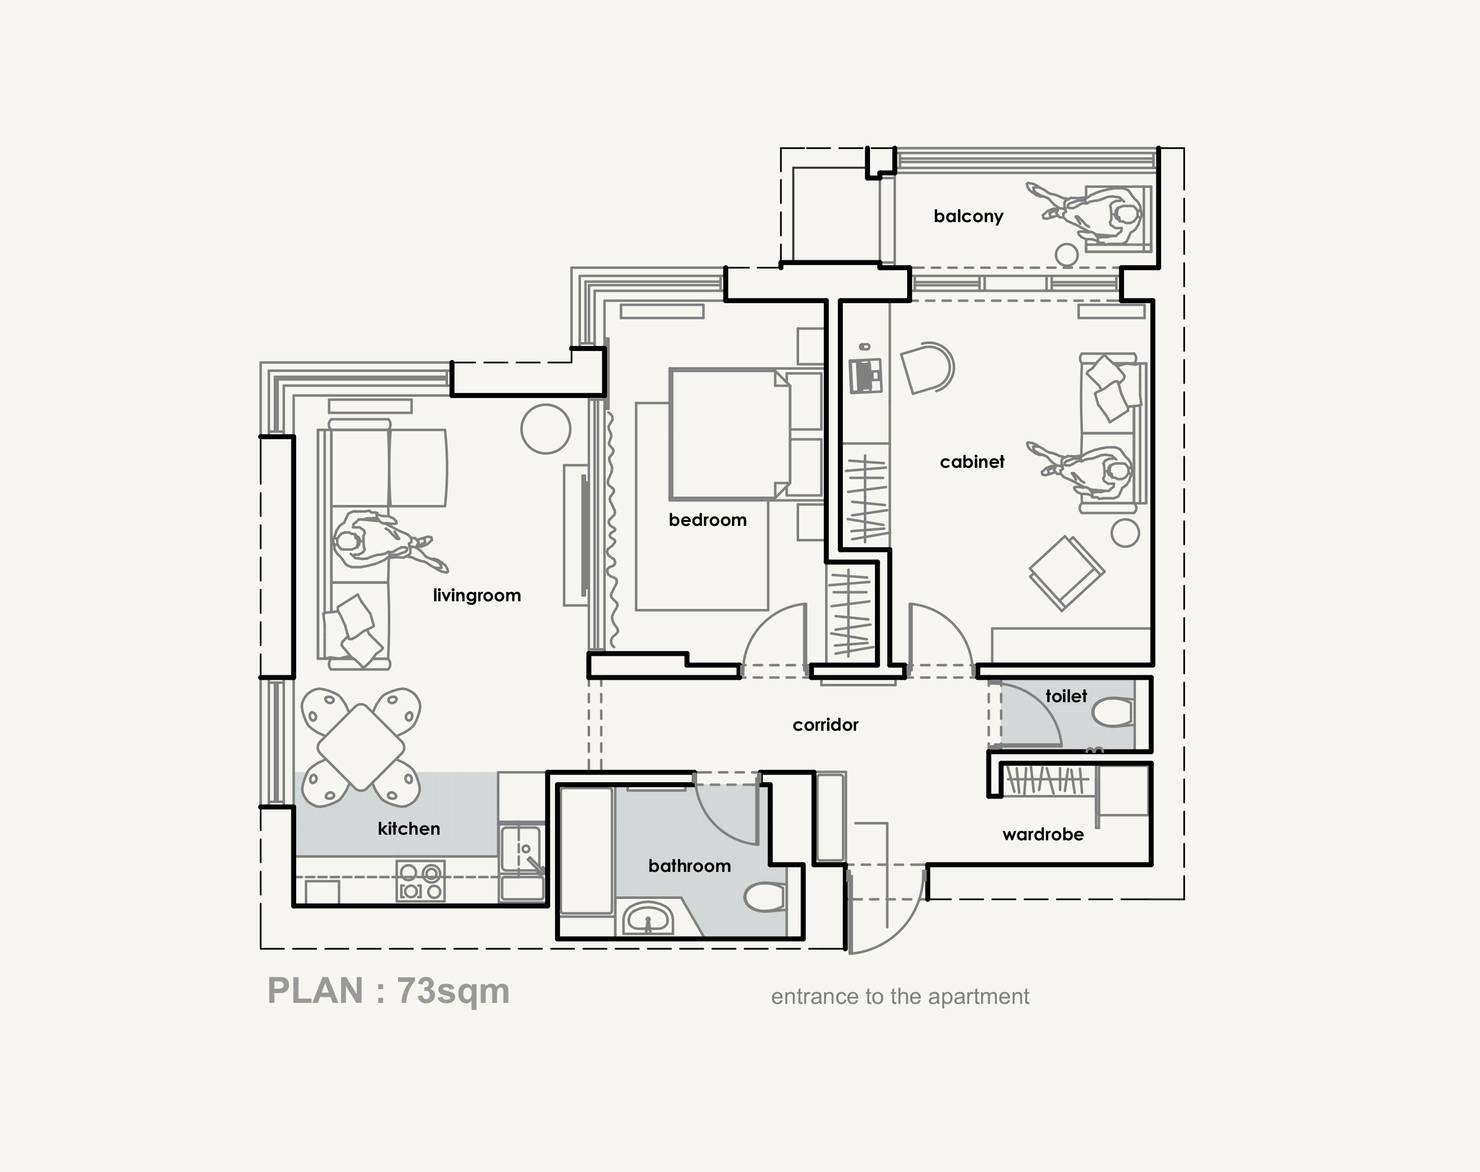 Un super appartement moderne de 73 m2